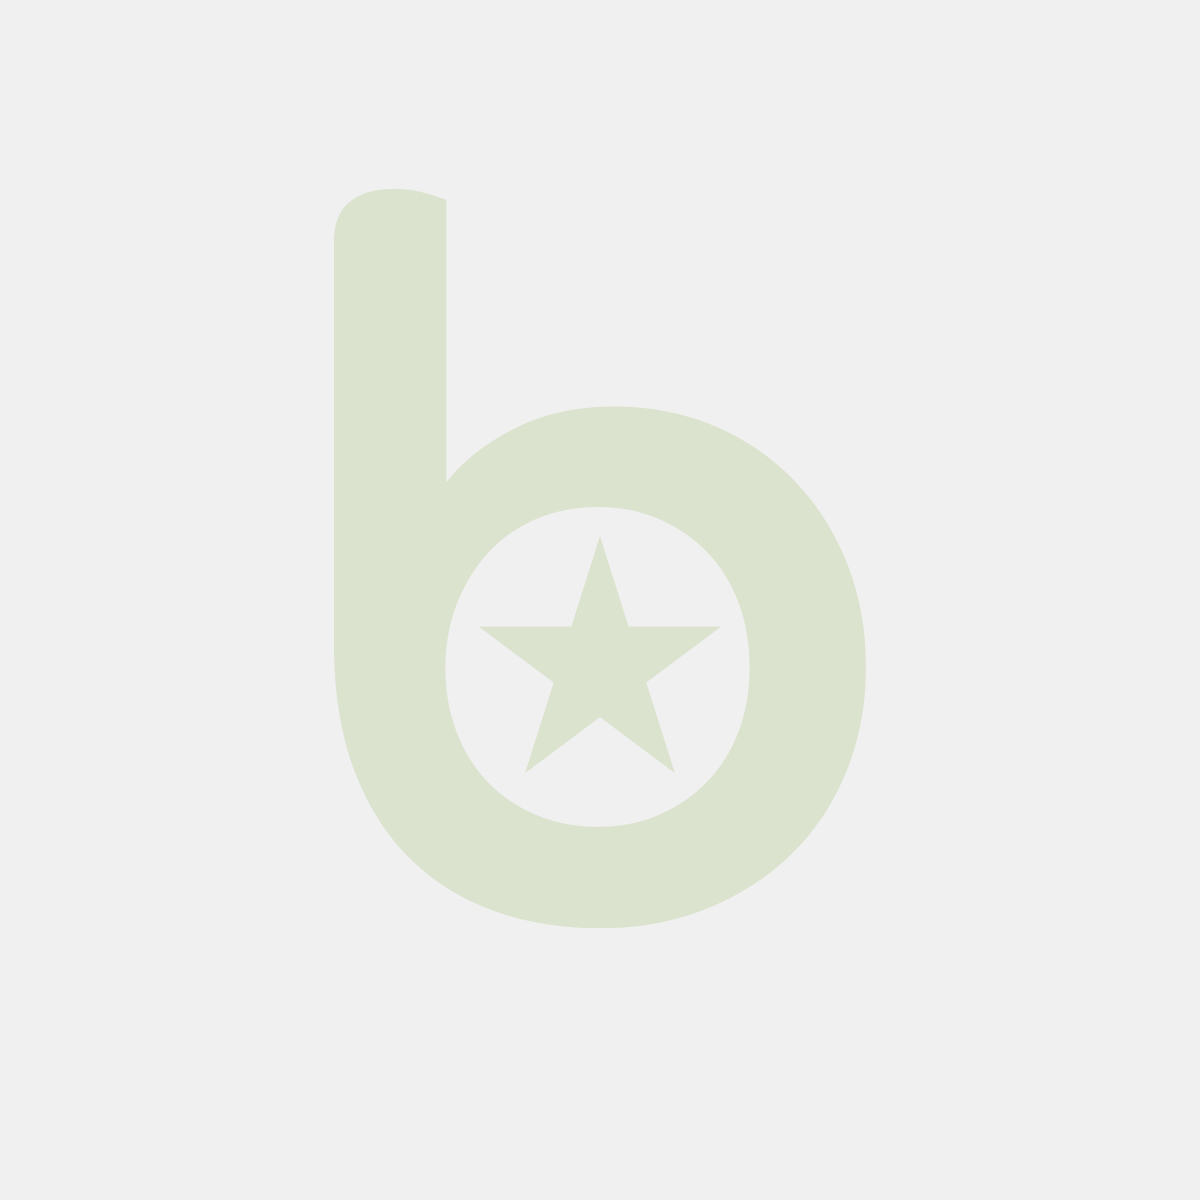 Przykrywka prostokątna bezbarwna KP-821 PP, cena za opakowanie 50szt